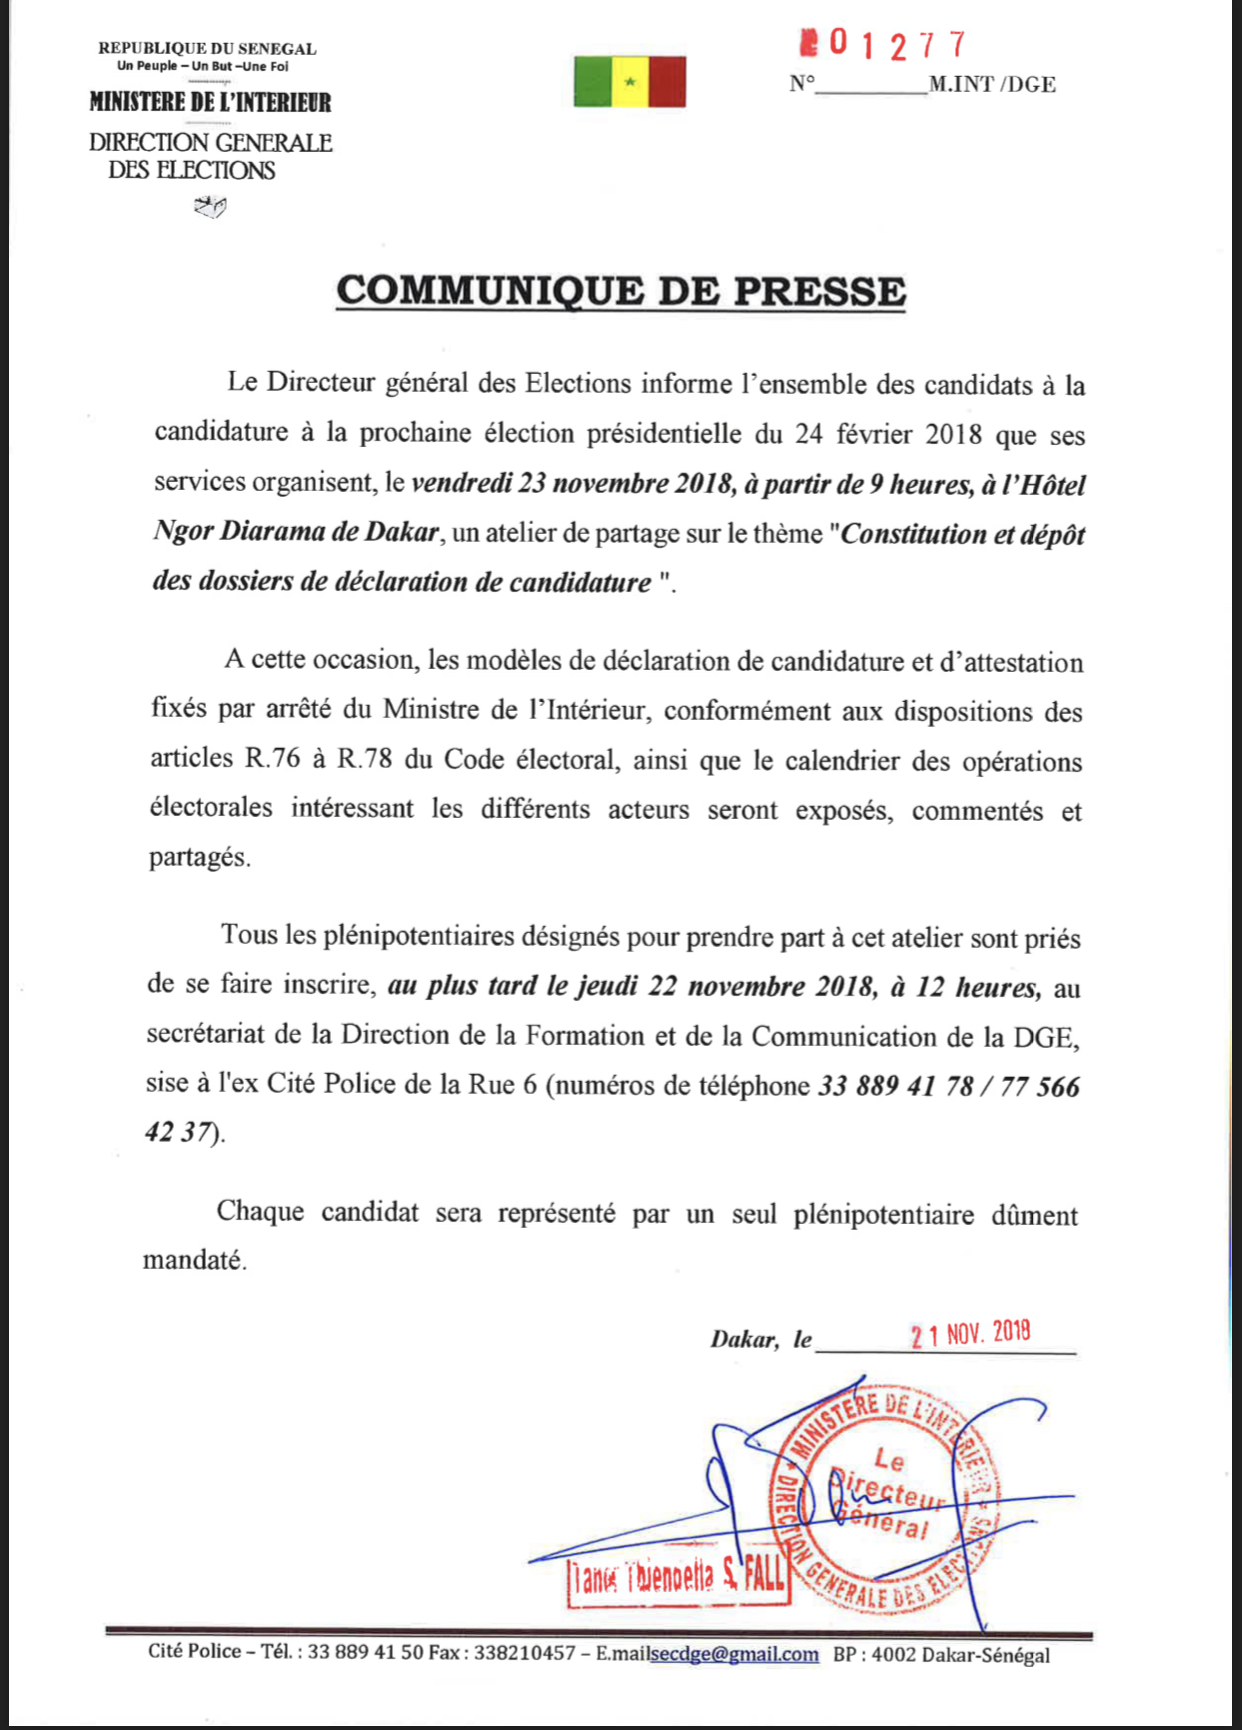 Présidentielle 2019 : La direction des Élections organise un atelier de partage pour informer le calendrier électoral aux candidats déclarés